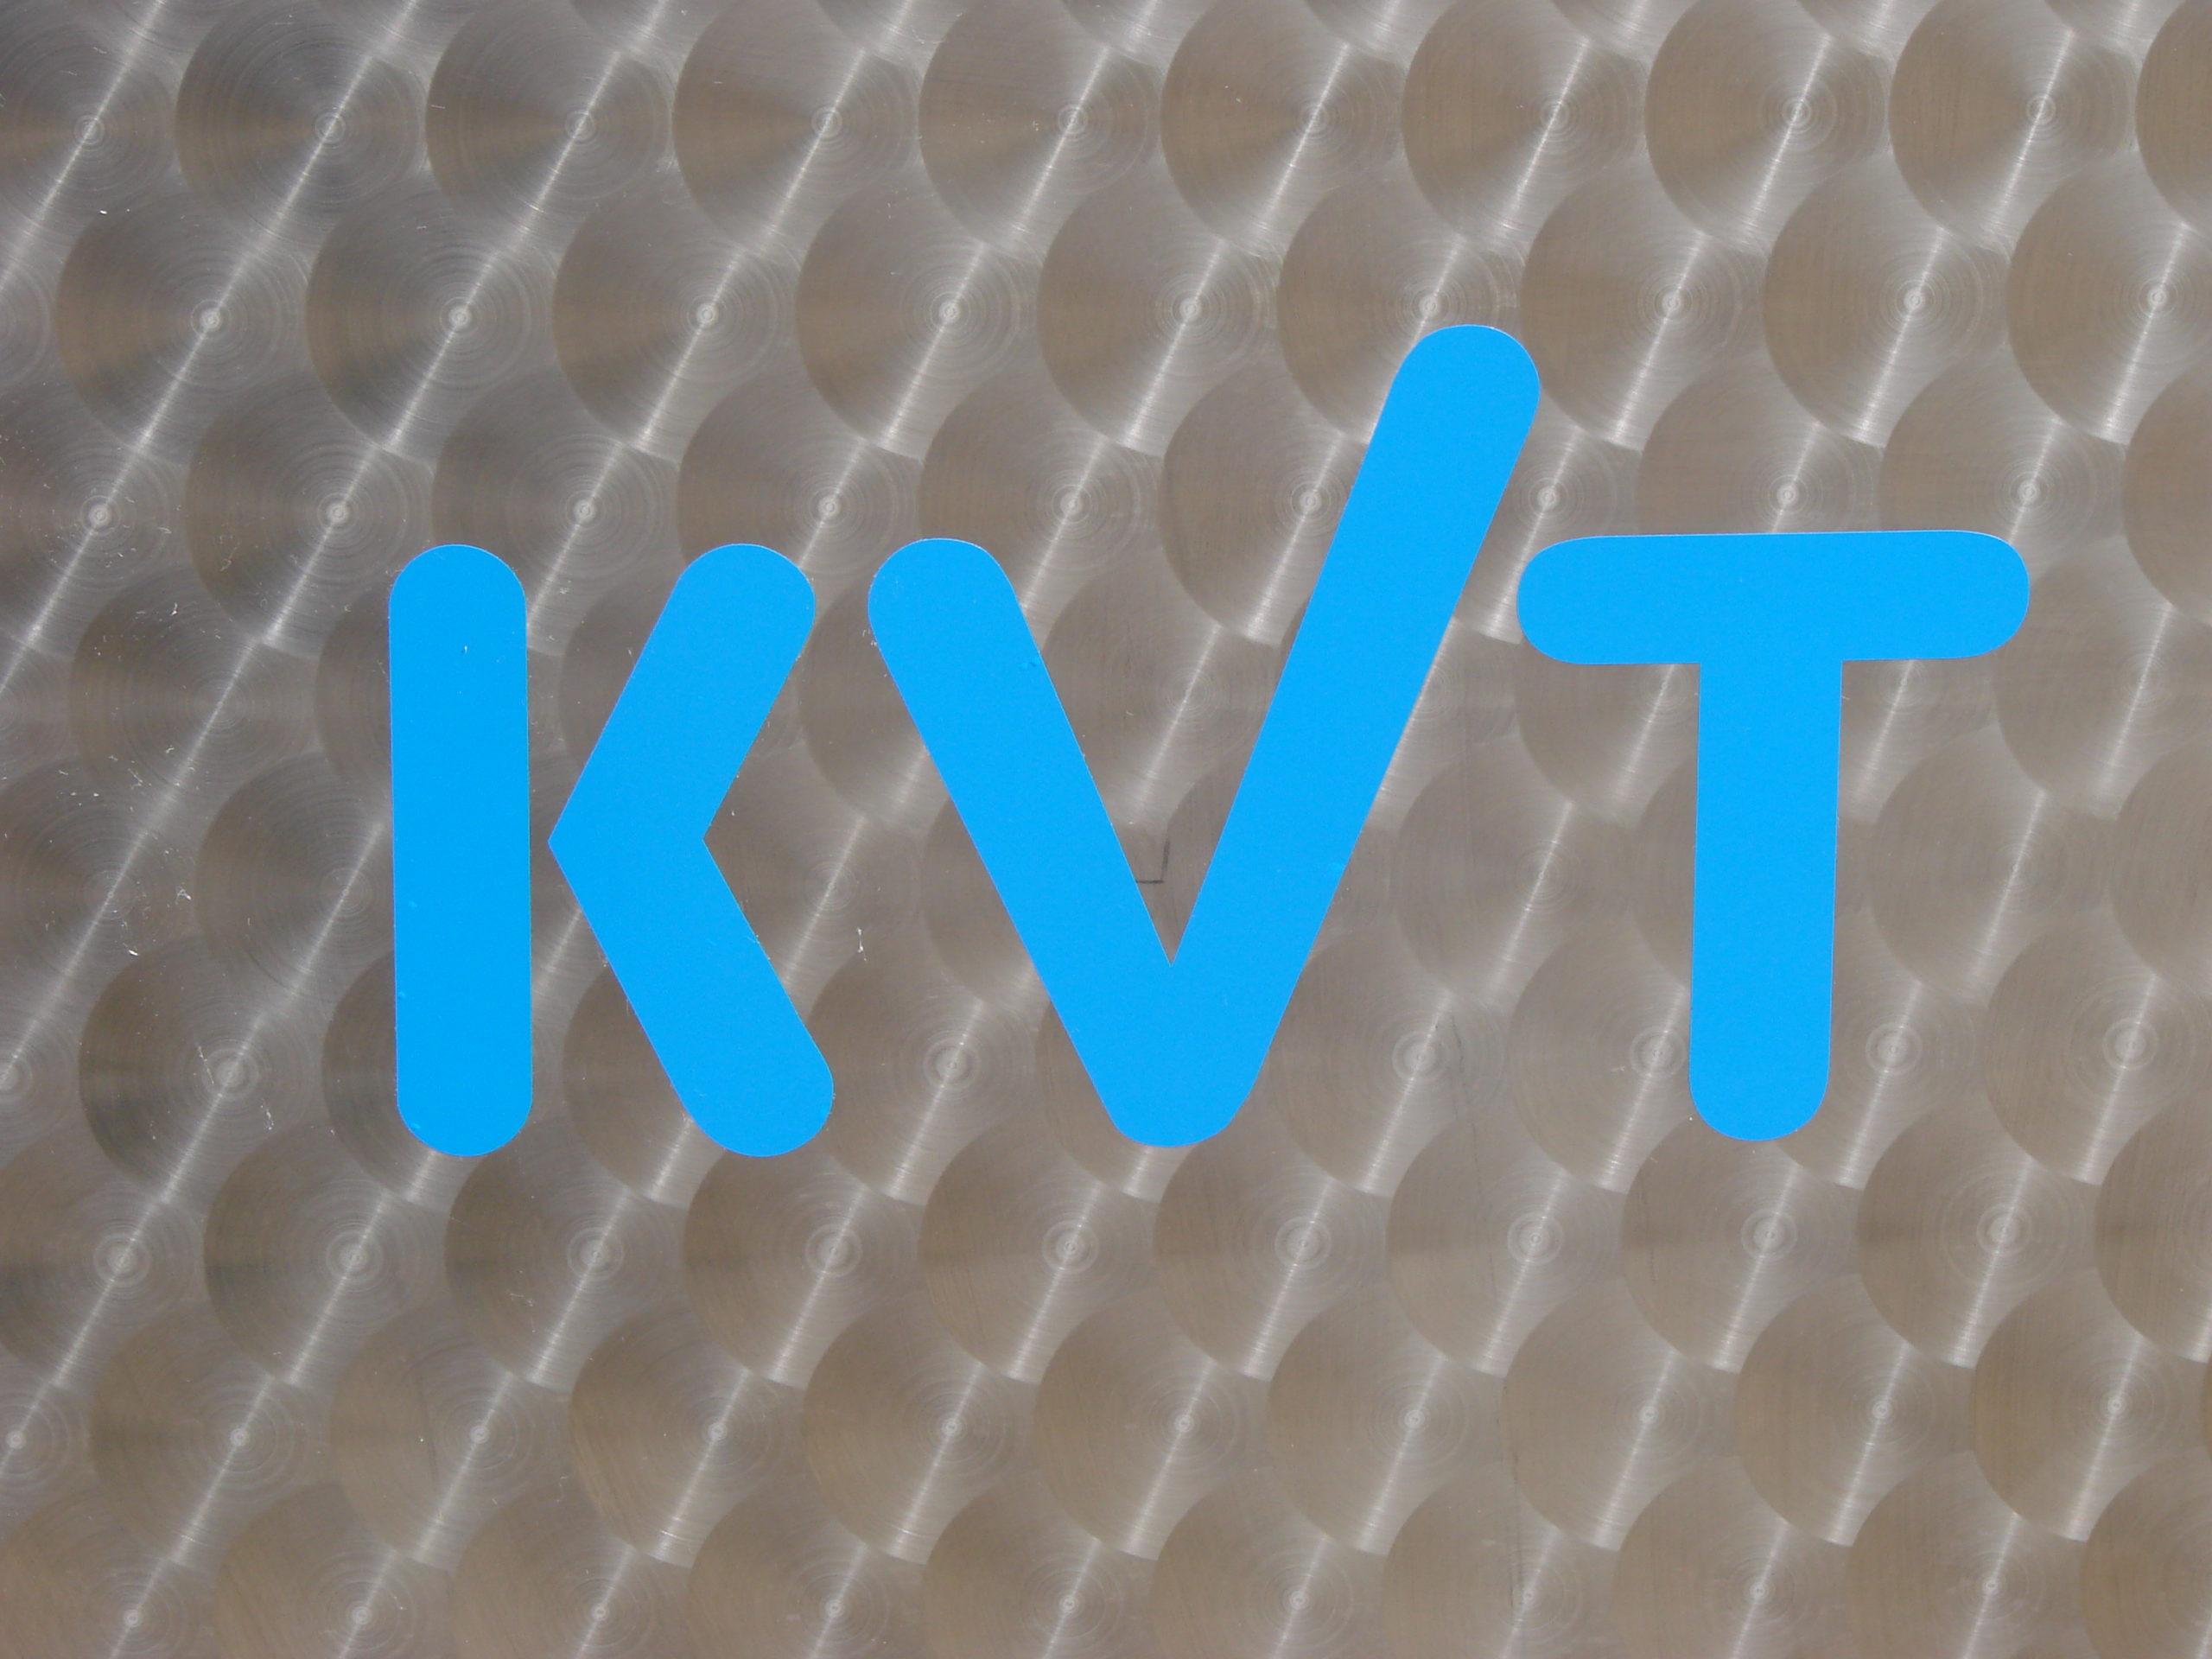 KVT-Logo-auf Edelstahl-DSC01162